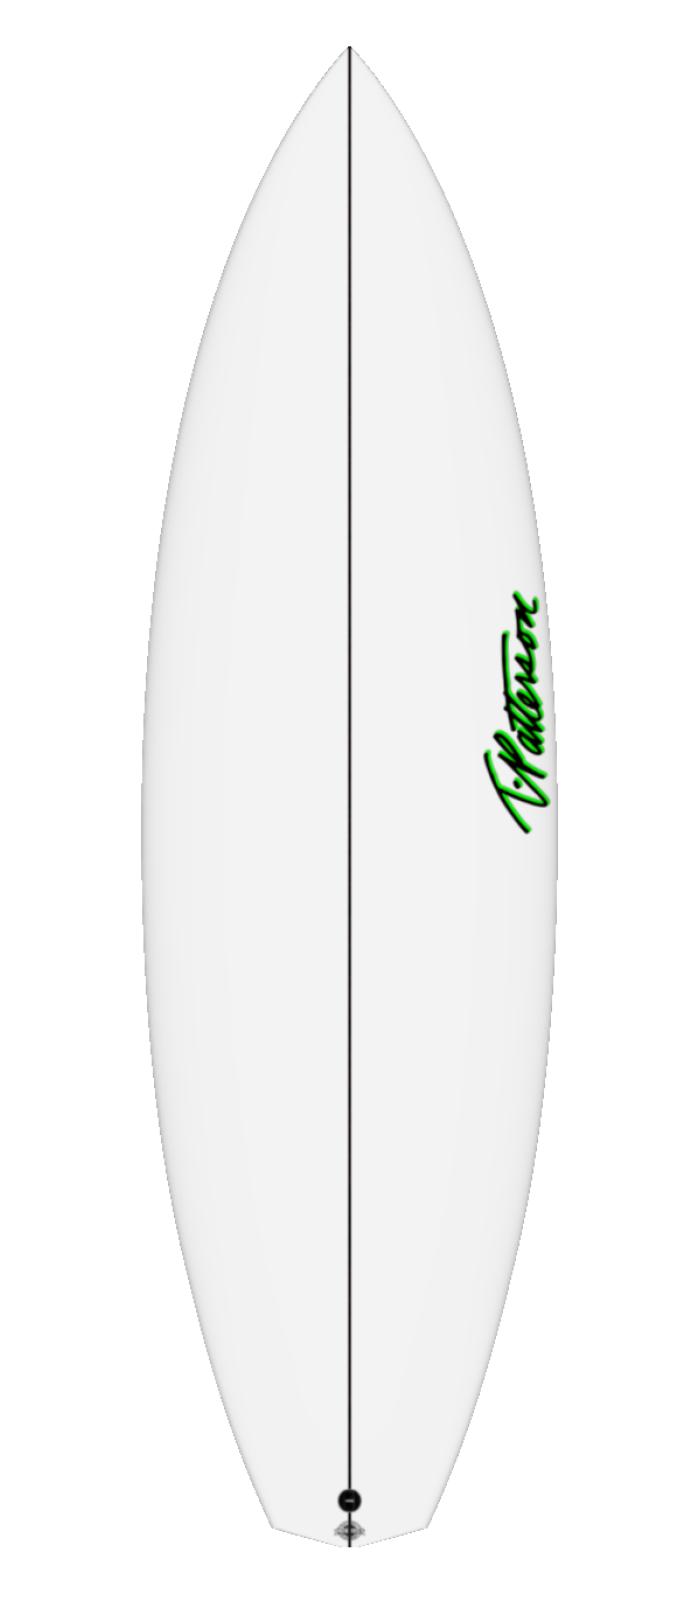 X FILE TWO surfboard model